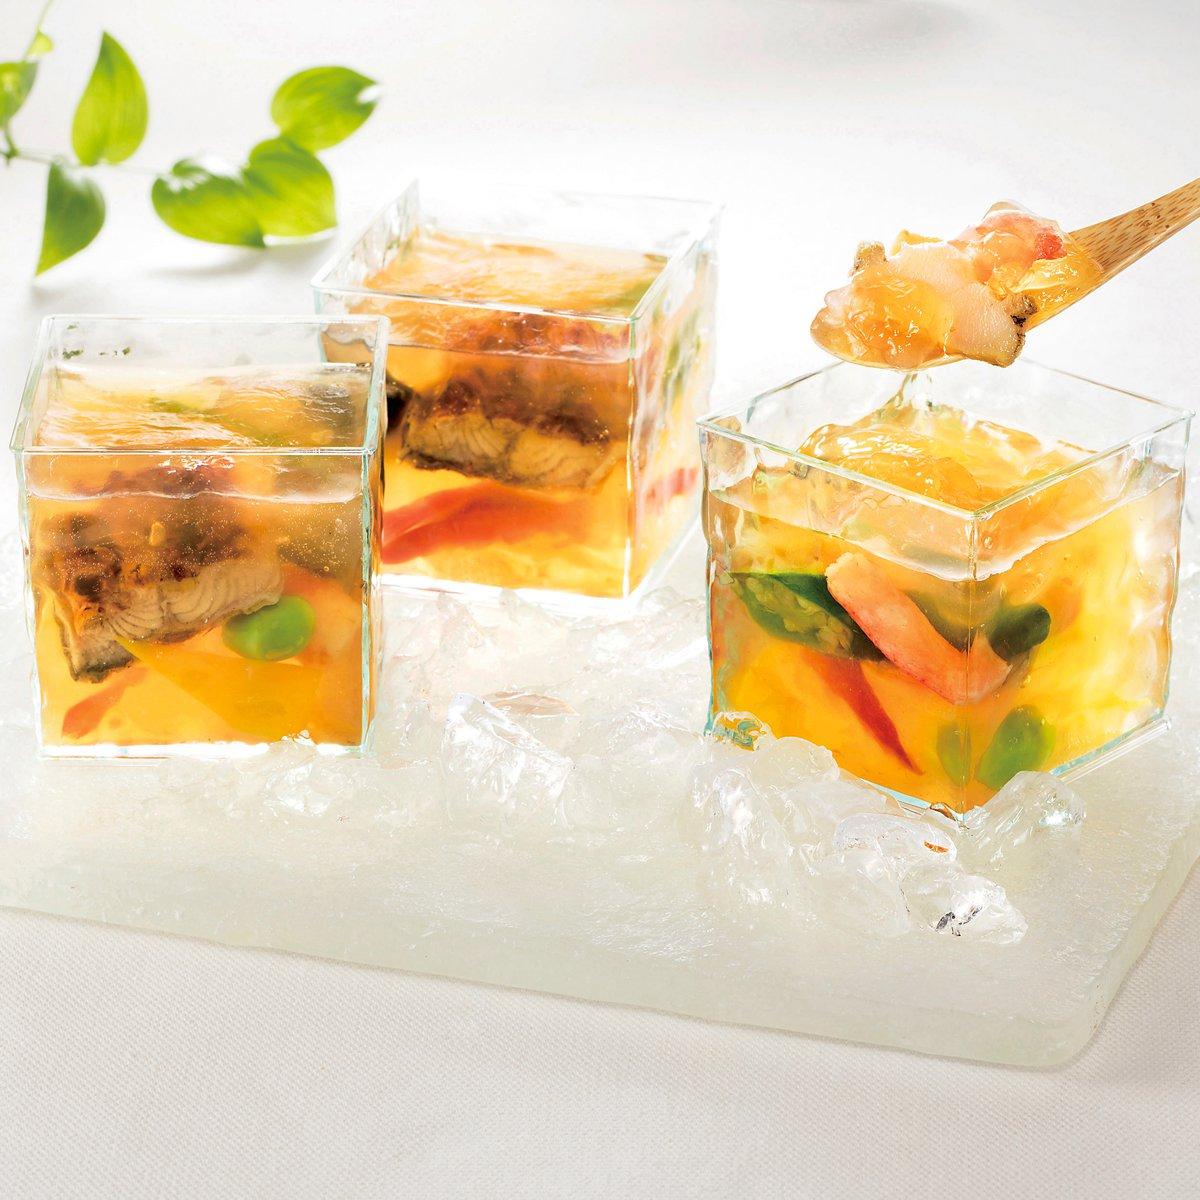 菊乃井,彩り野菜と魚介のゼリー寄せ